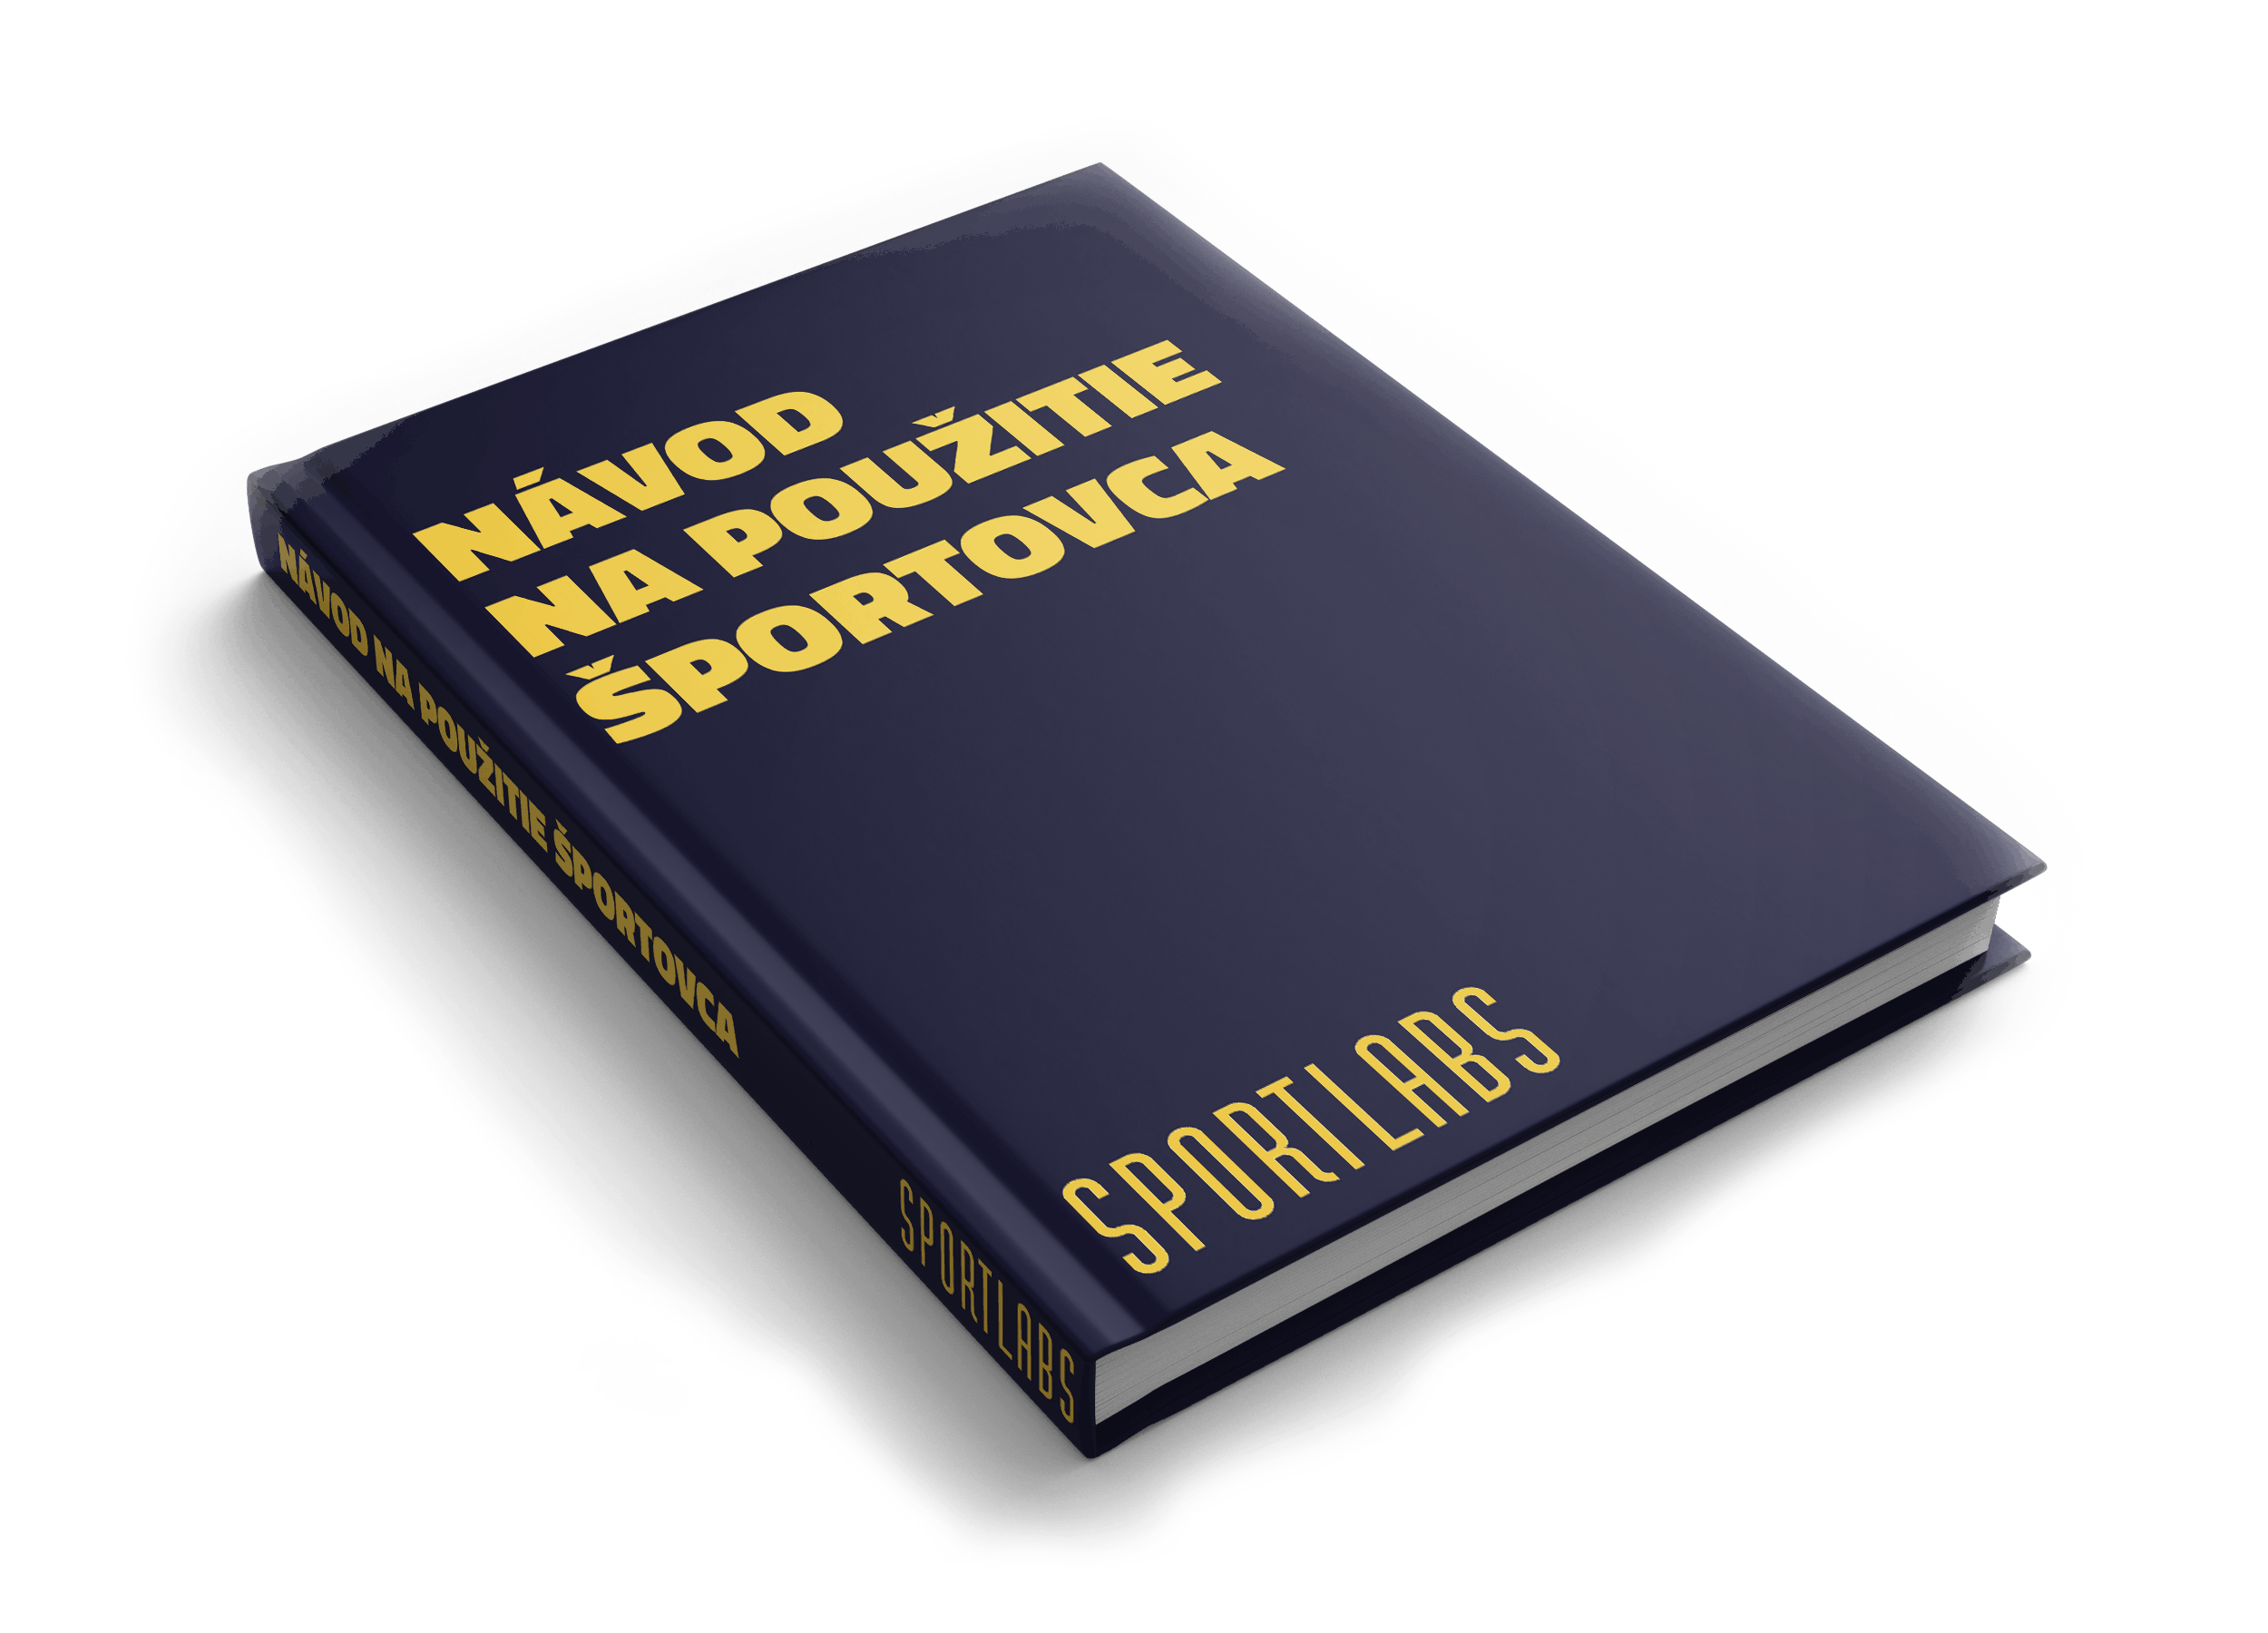 Prezentácia LOSS a SportLabs – Ako si vytvoriť Plán A a mať svoj život športovca pod kontrolou?